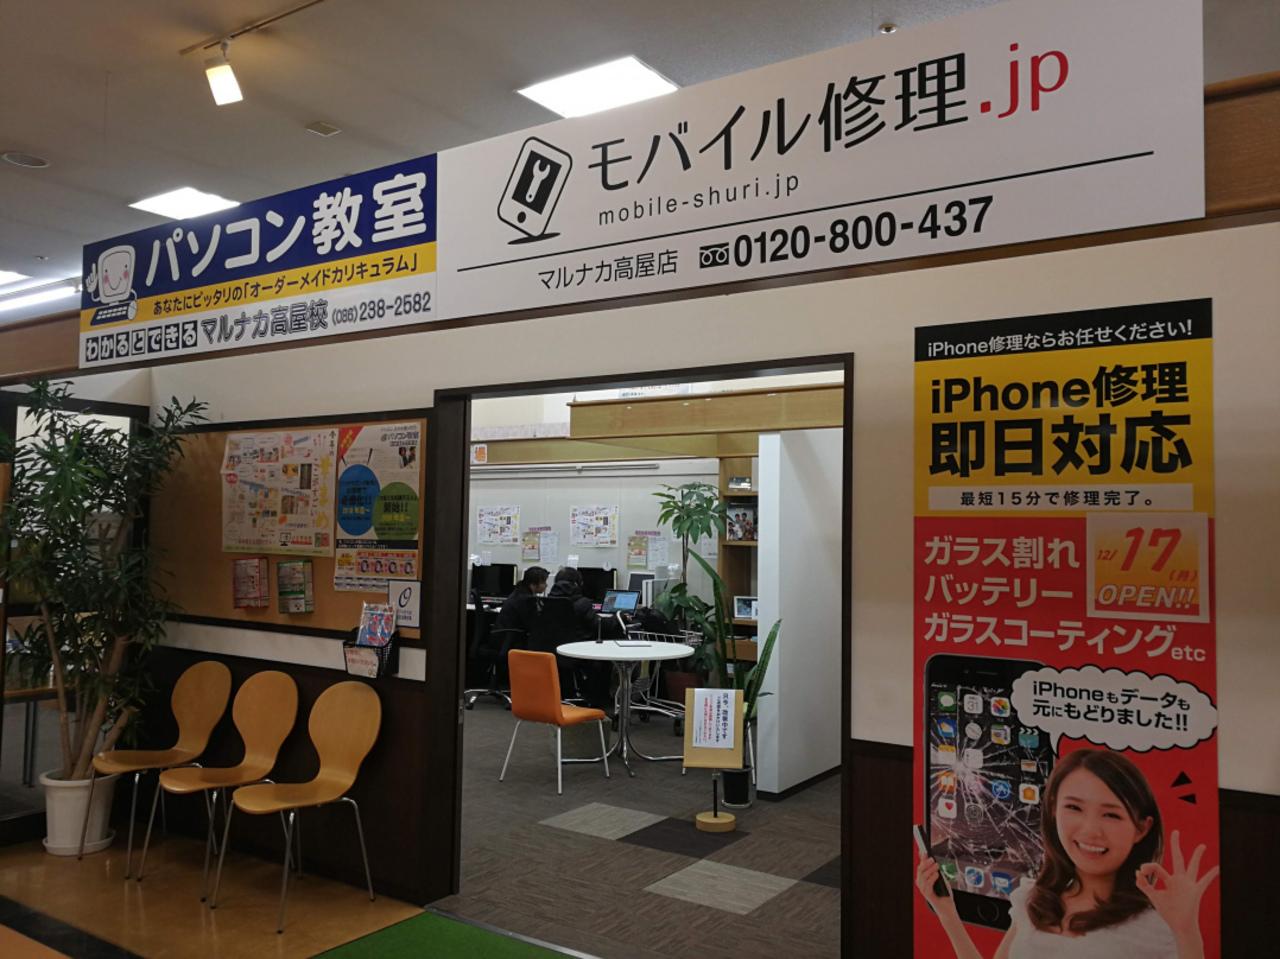 33102モバイル修理.jp マルナカ高屋店